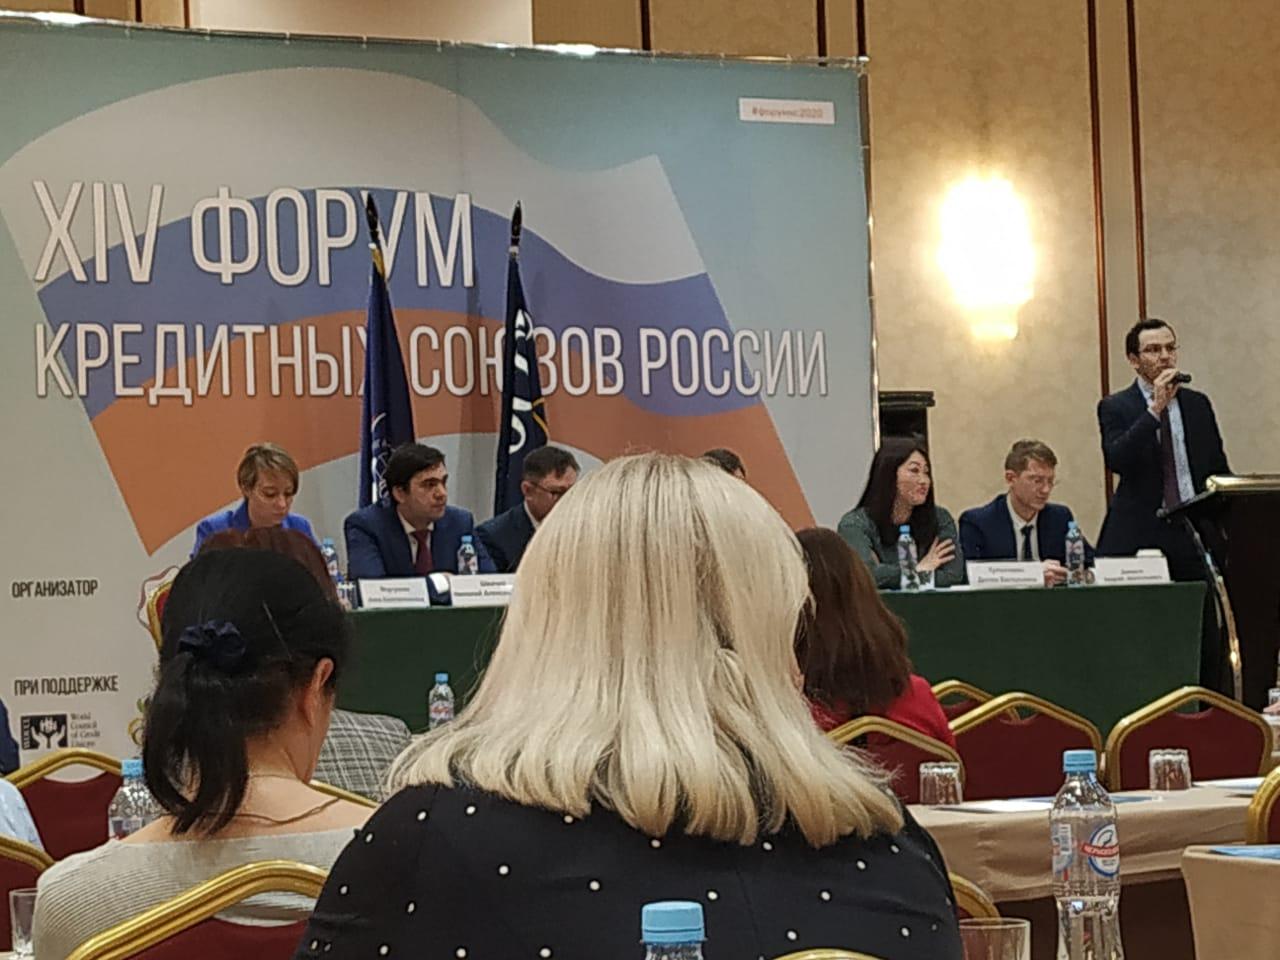 XIV Форум кредитных союзов России